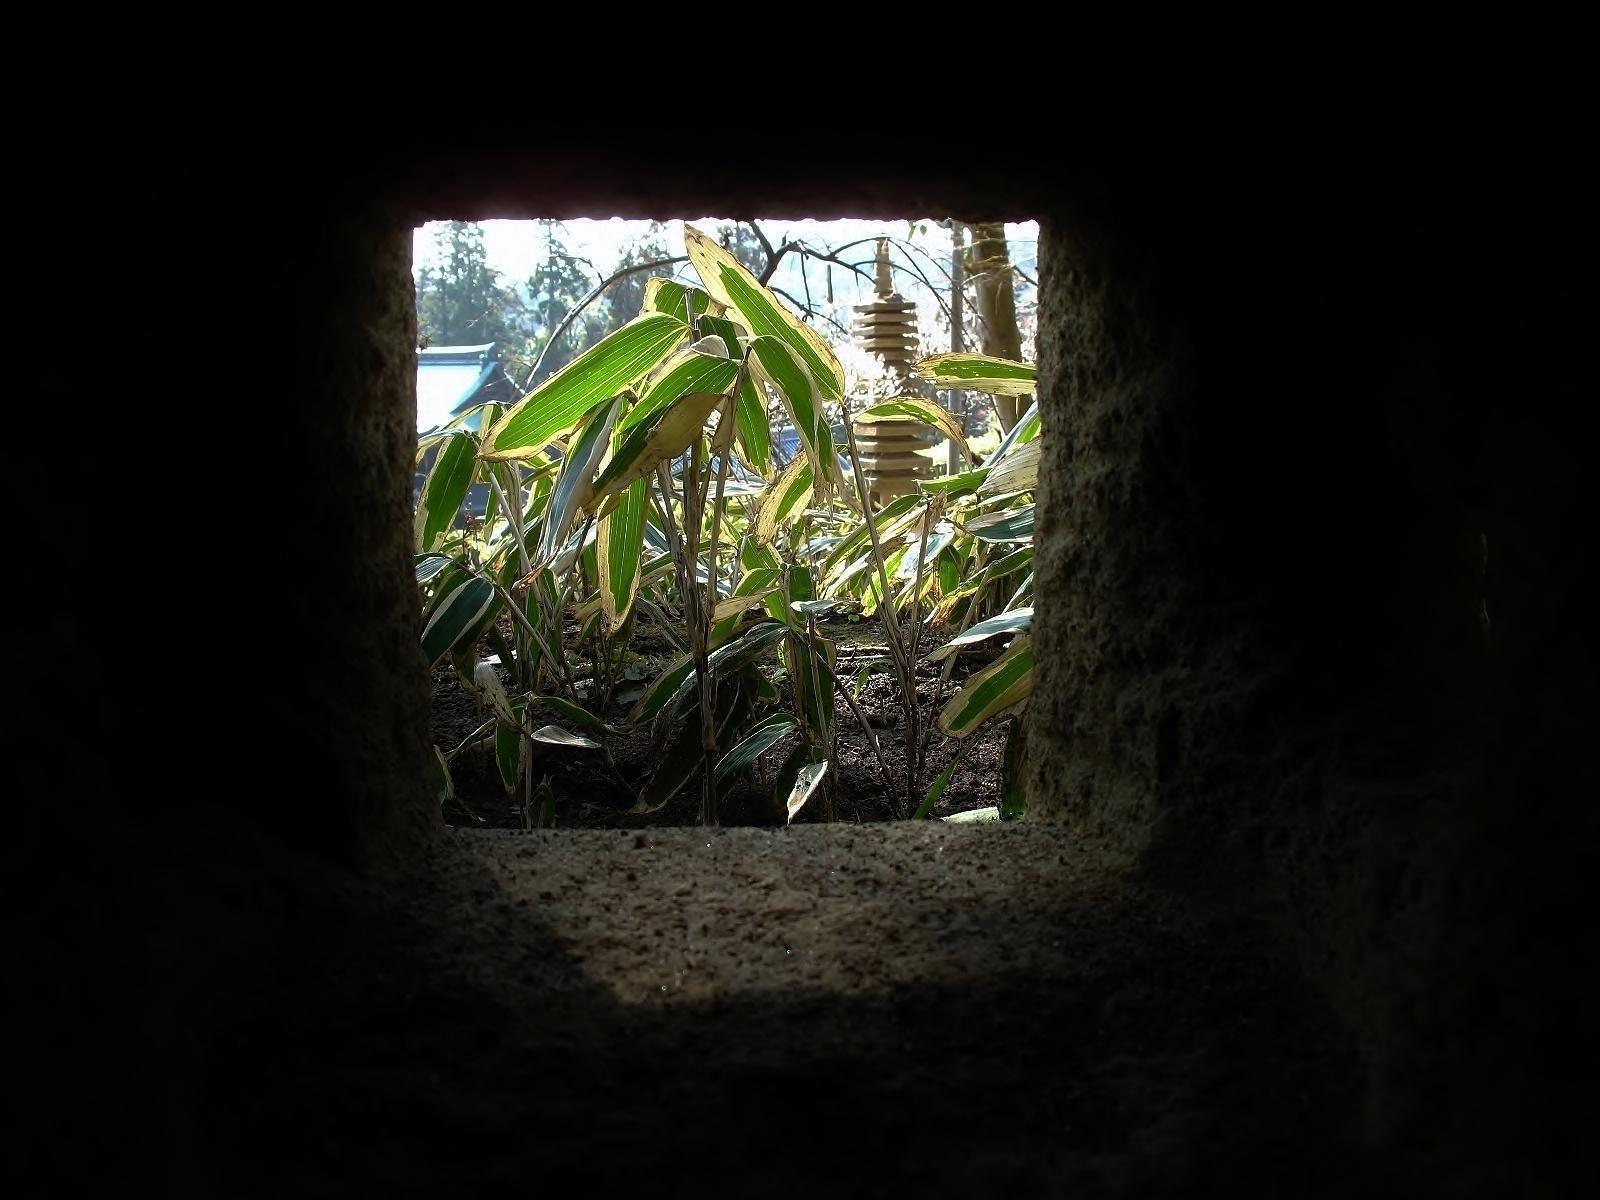 龍隠庵 灯篭からの眺め